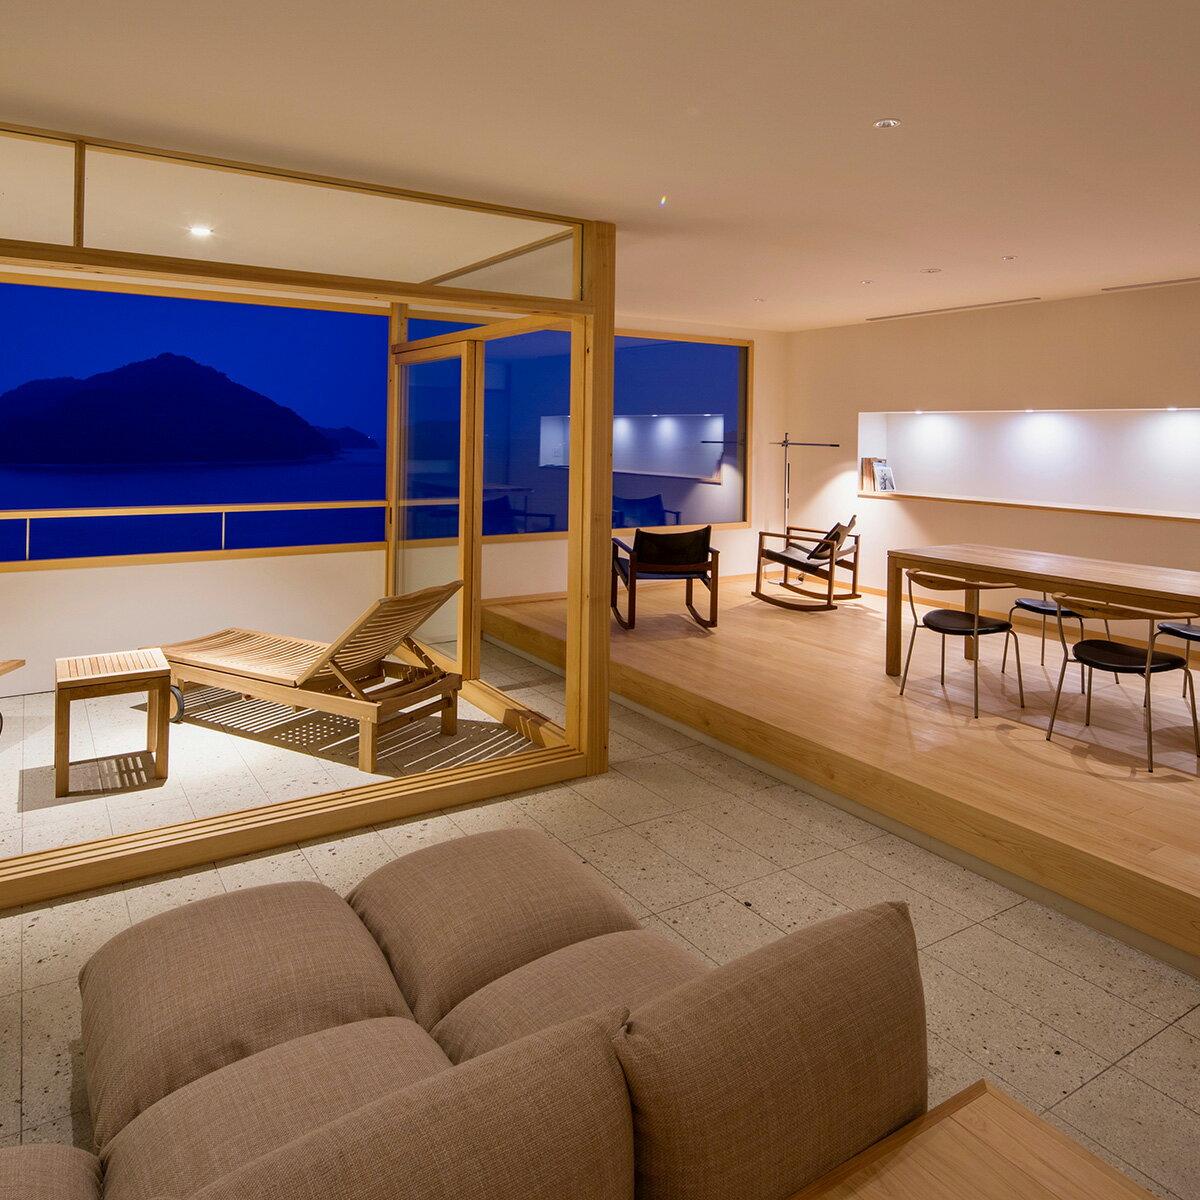 【ふるさと納税】デラックスルーム「陽光」宿泊と創作会席料理+オリジナルカクテル(2名)